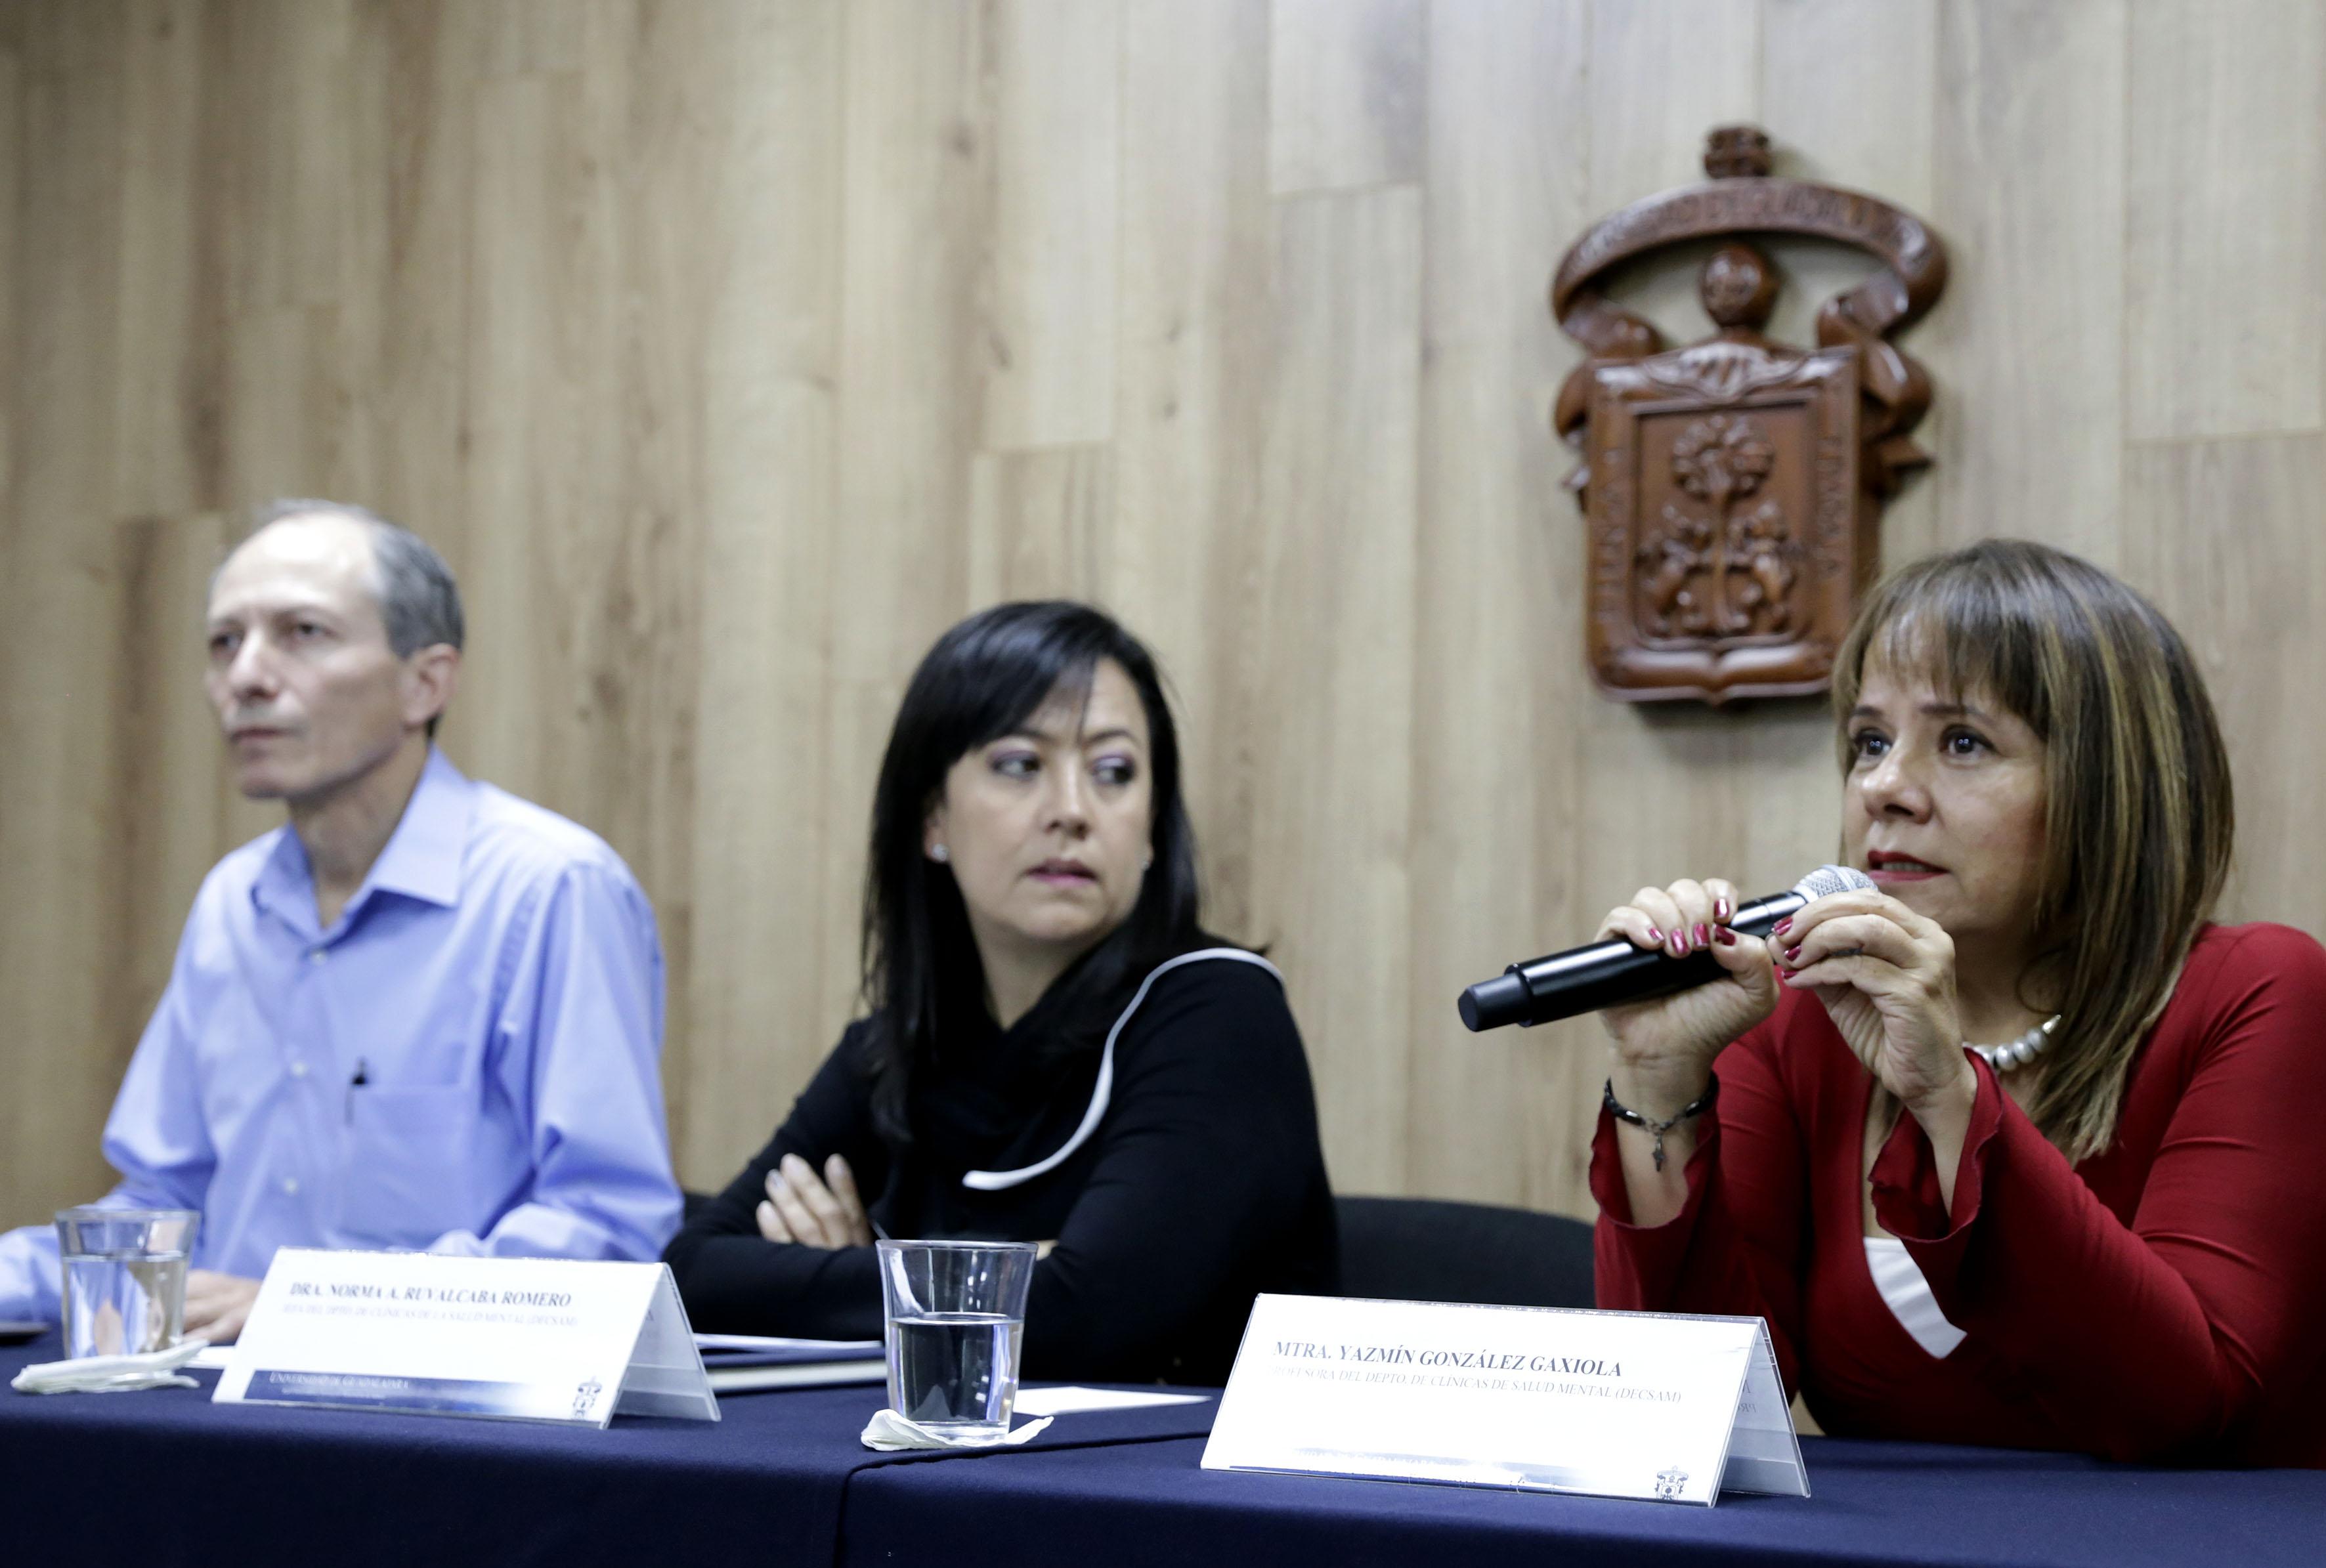 Mtra. Yazmín González al micrófono en la rueda de prensa